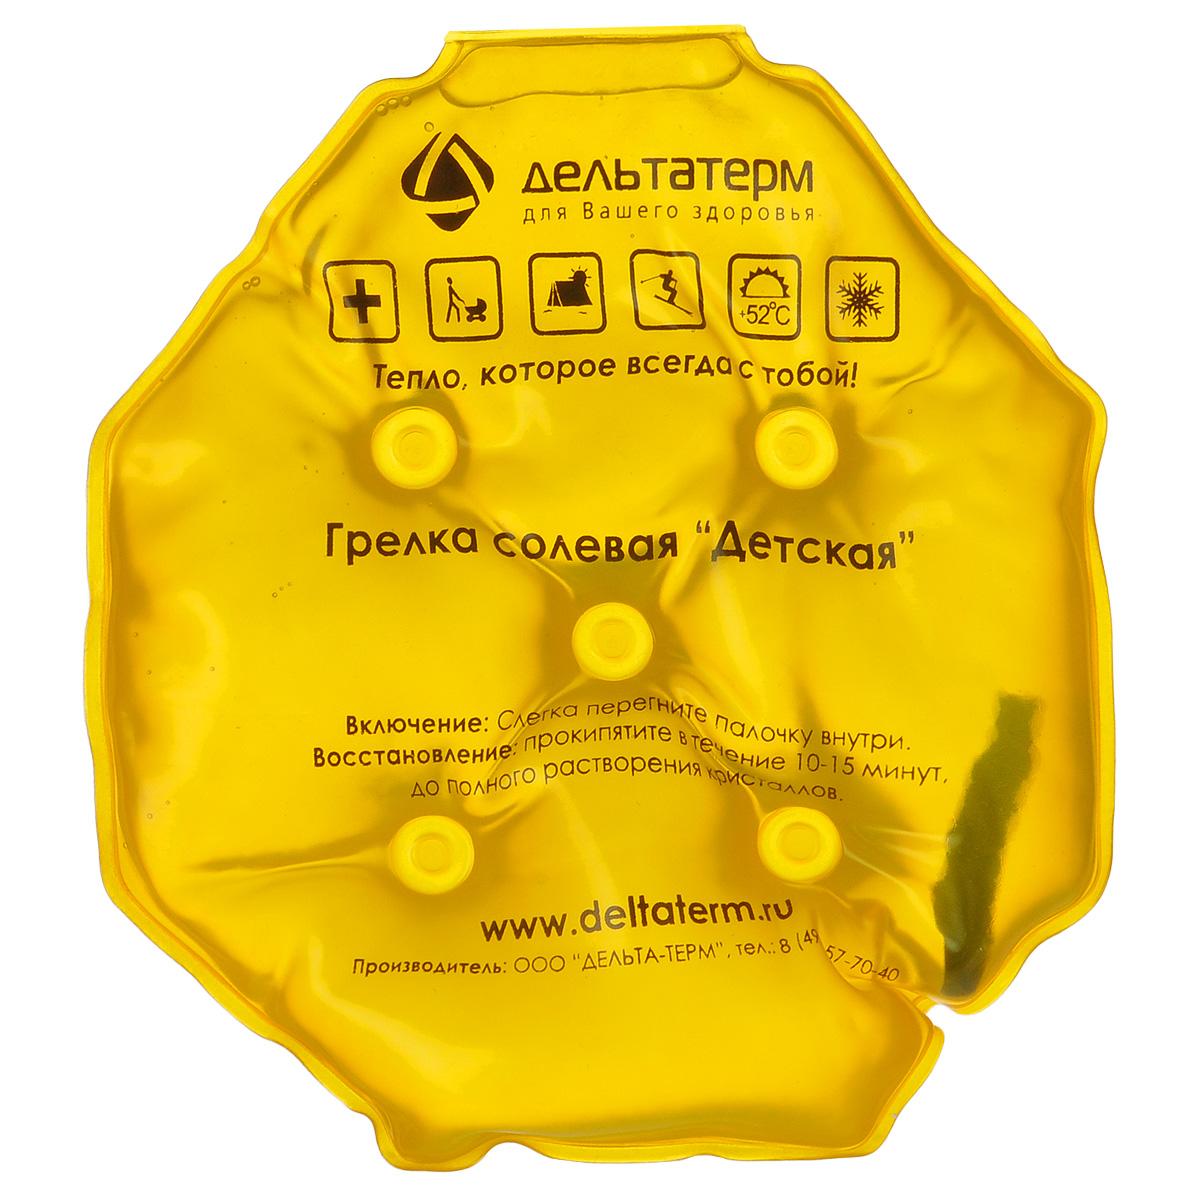 Грелка солевая Дельтатерм Детская, цвет: желтыйKOC2028LEDГрелка солевая Дельтатерм Детская выполнена из очень прочной пленки ПВХ и наполнена раствором соли. В растворе плавает палочка-пускатель, которую достаточно слегка перегнуть и моментально начинается процесс кристаллизации соли с выделением тепла до температуры +52°C. Солевая грелка - это замечательное физиотерапевтическое средство. Солевая грелка глубоко прогреет область уха, горла или носа, суставов. При этом она абсолютно безопасна! Температура нагрева до +52°С рекомендована врачами, как оптимальная для физиотерапевтических процедур, и исключает возможность ожога или перегрева.Преимущества грелки:Работает совершенно автономно.Многоразовое применение.Долго сохраняет тепло или холод.2 в 1, теплый и холодный компрессИсключает ожог или перегревГигиенична в применении.Безопасна для людей и животных.Материал: ПВХ, солевой раствор.